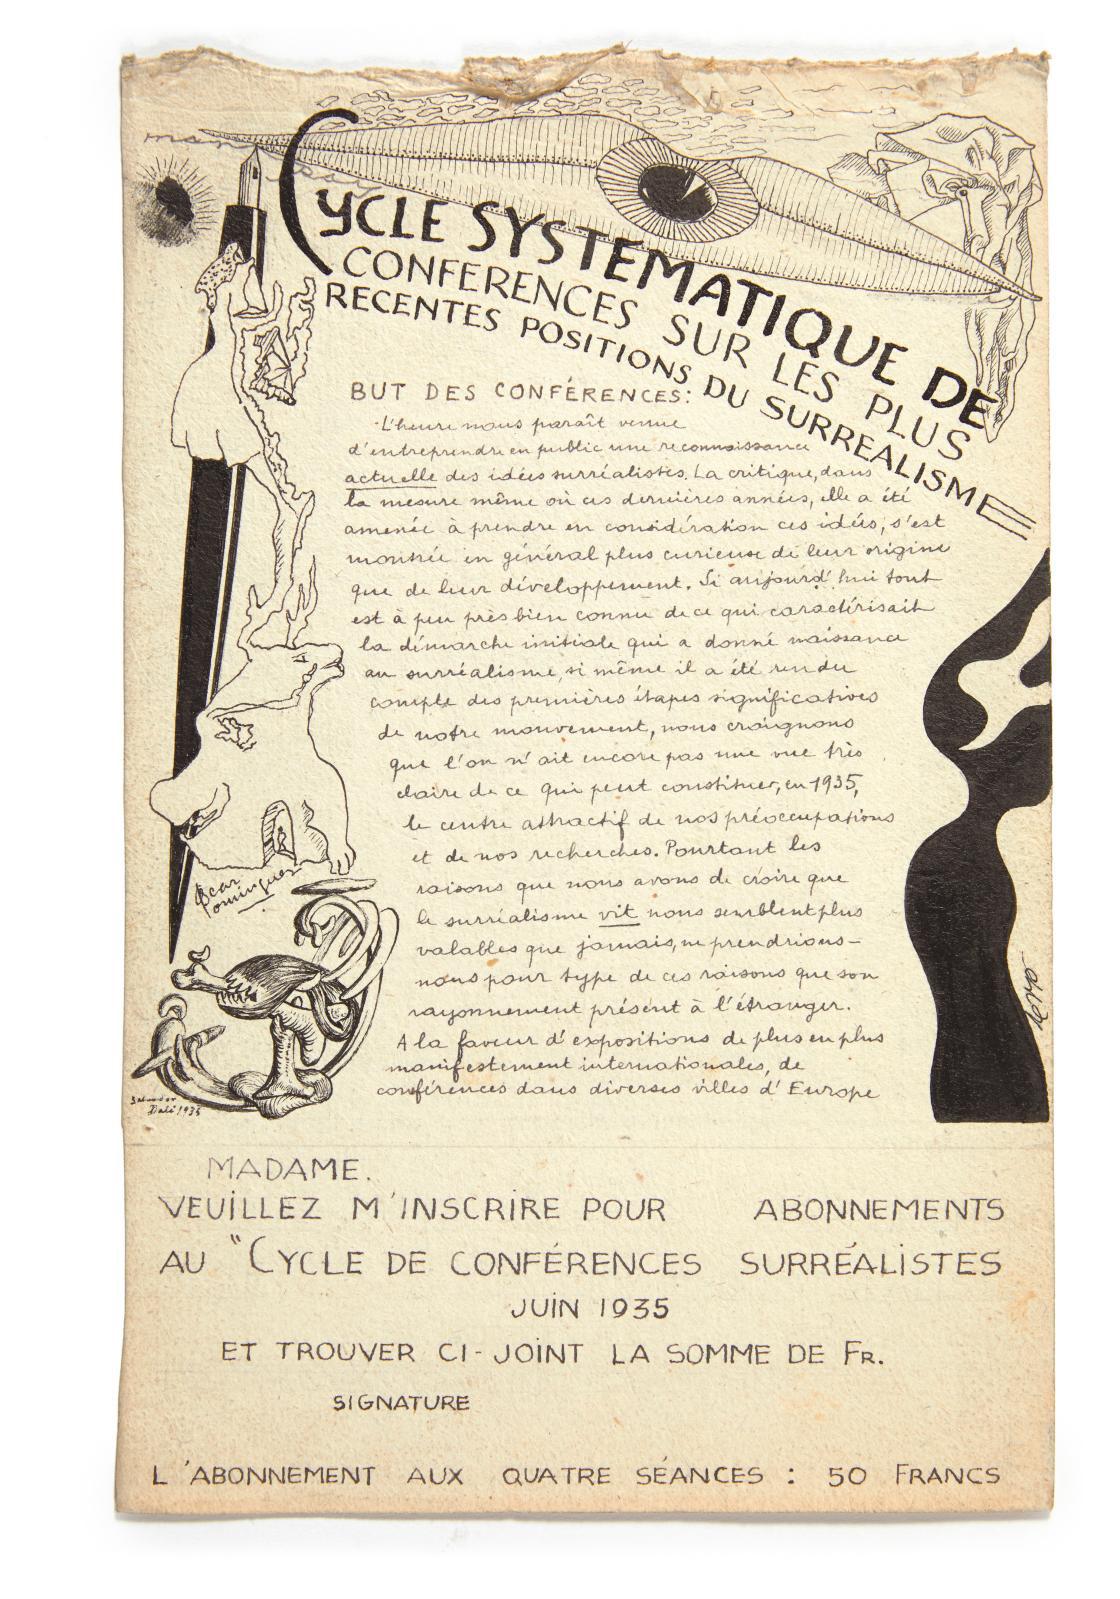 André Breton (1896-1966), Cycle systématique de conférences sur les plus récentes positions du surréalisme (Systematic Series of Lectures